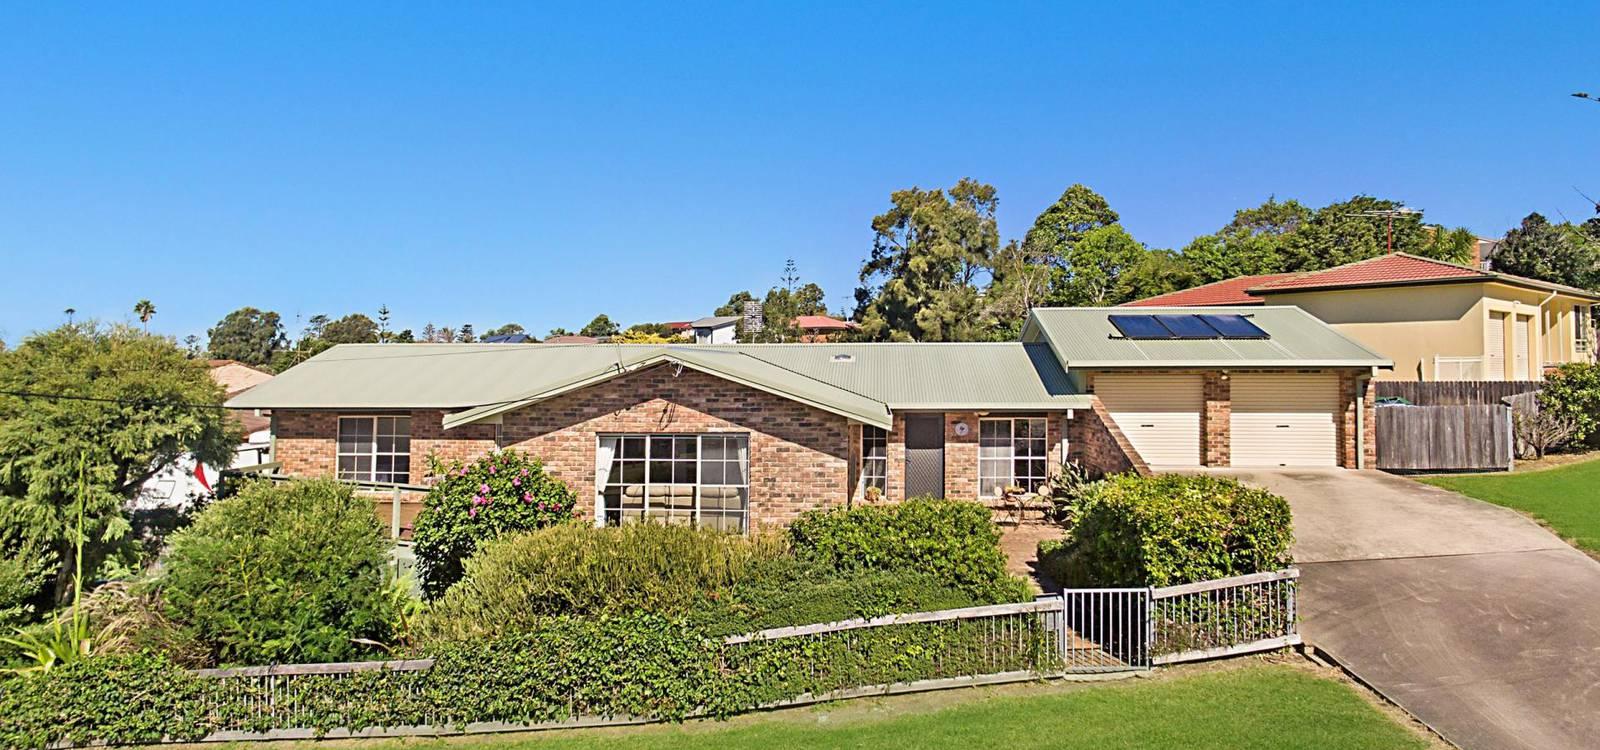 20 Grenville Avenue TUROSS HEAD, NSW 2537 - photo 1